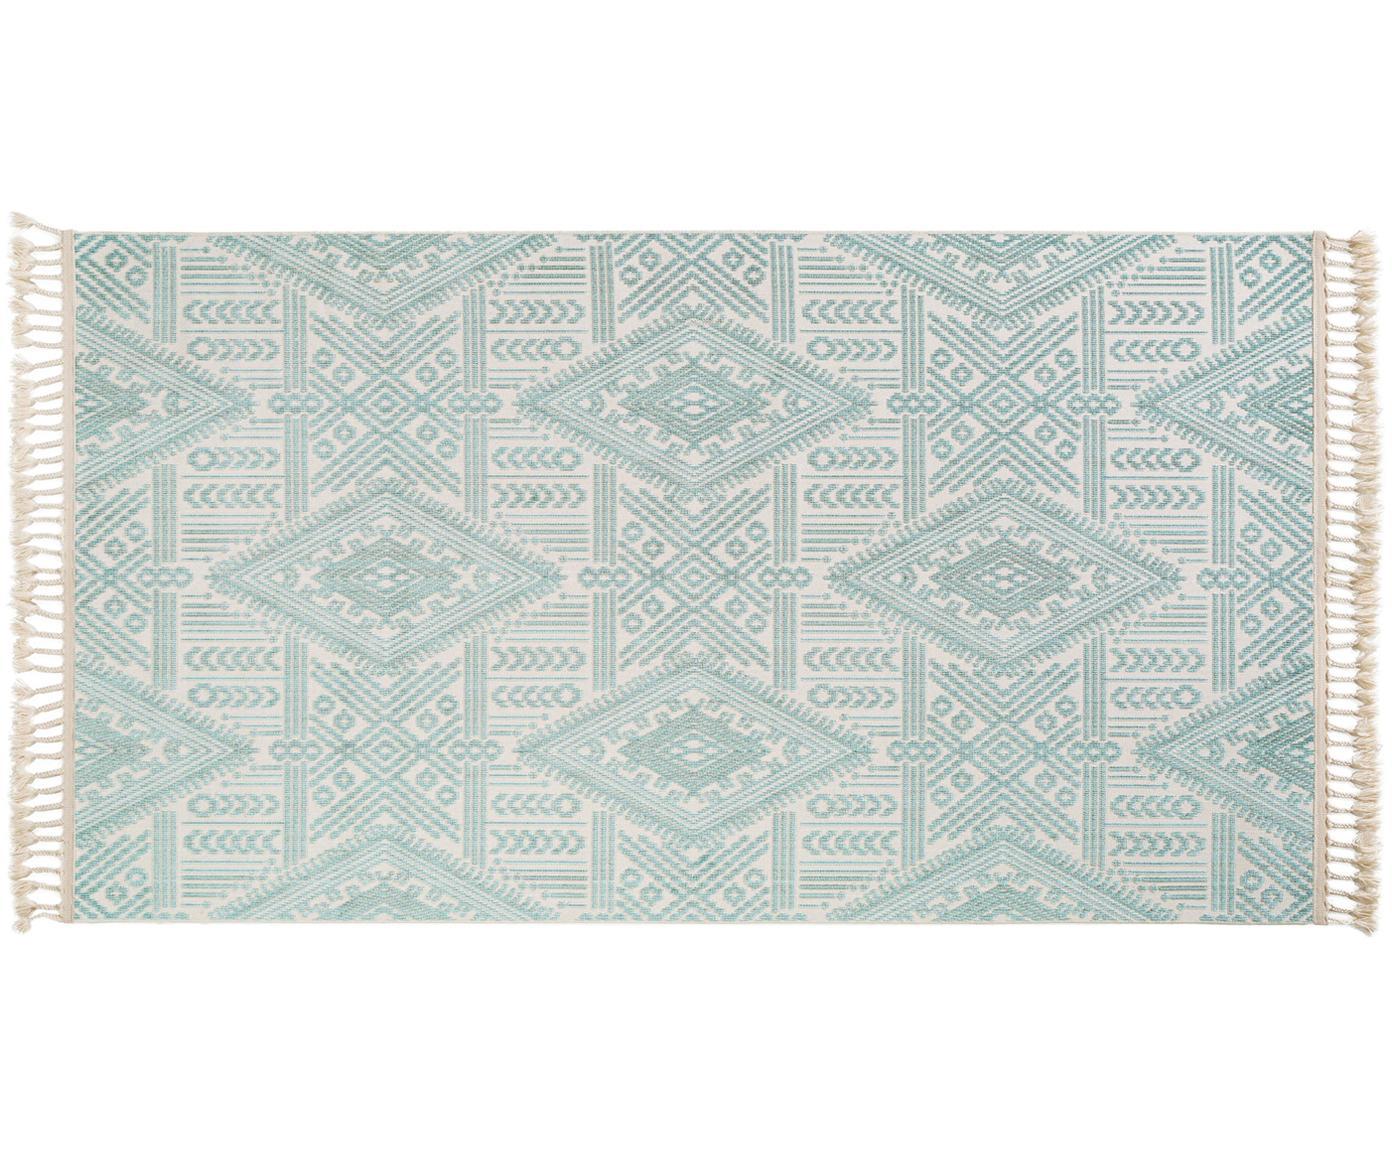 Teppich Laila Tang mit Hoch-Tief-Effekt in Türkis und Creme, Flor: Polyester, Cremefarben, Türkis, B 80 x L 150 cm (Größe XS)